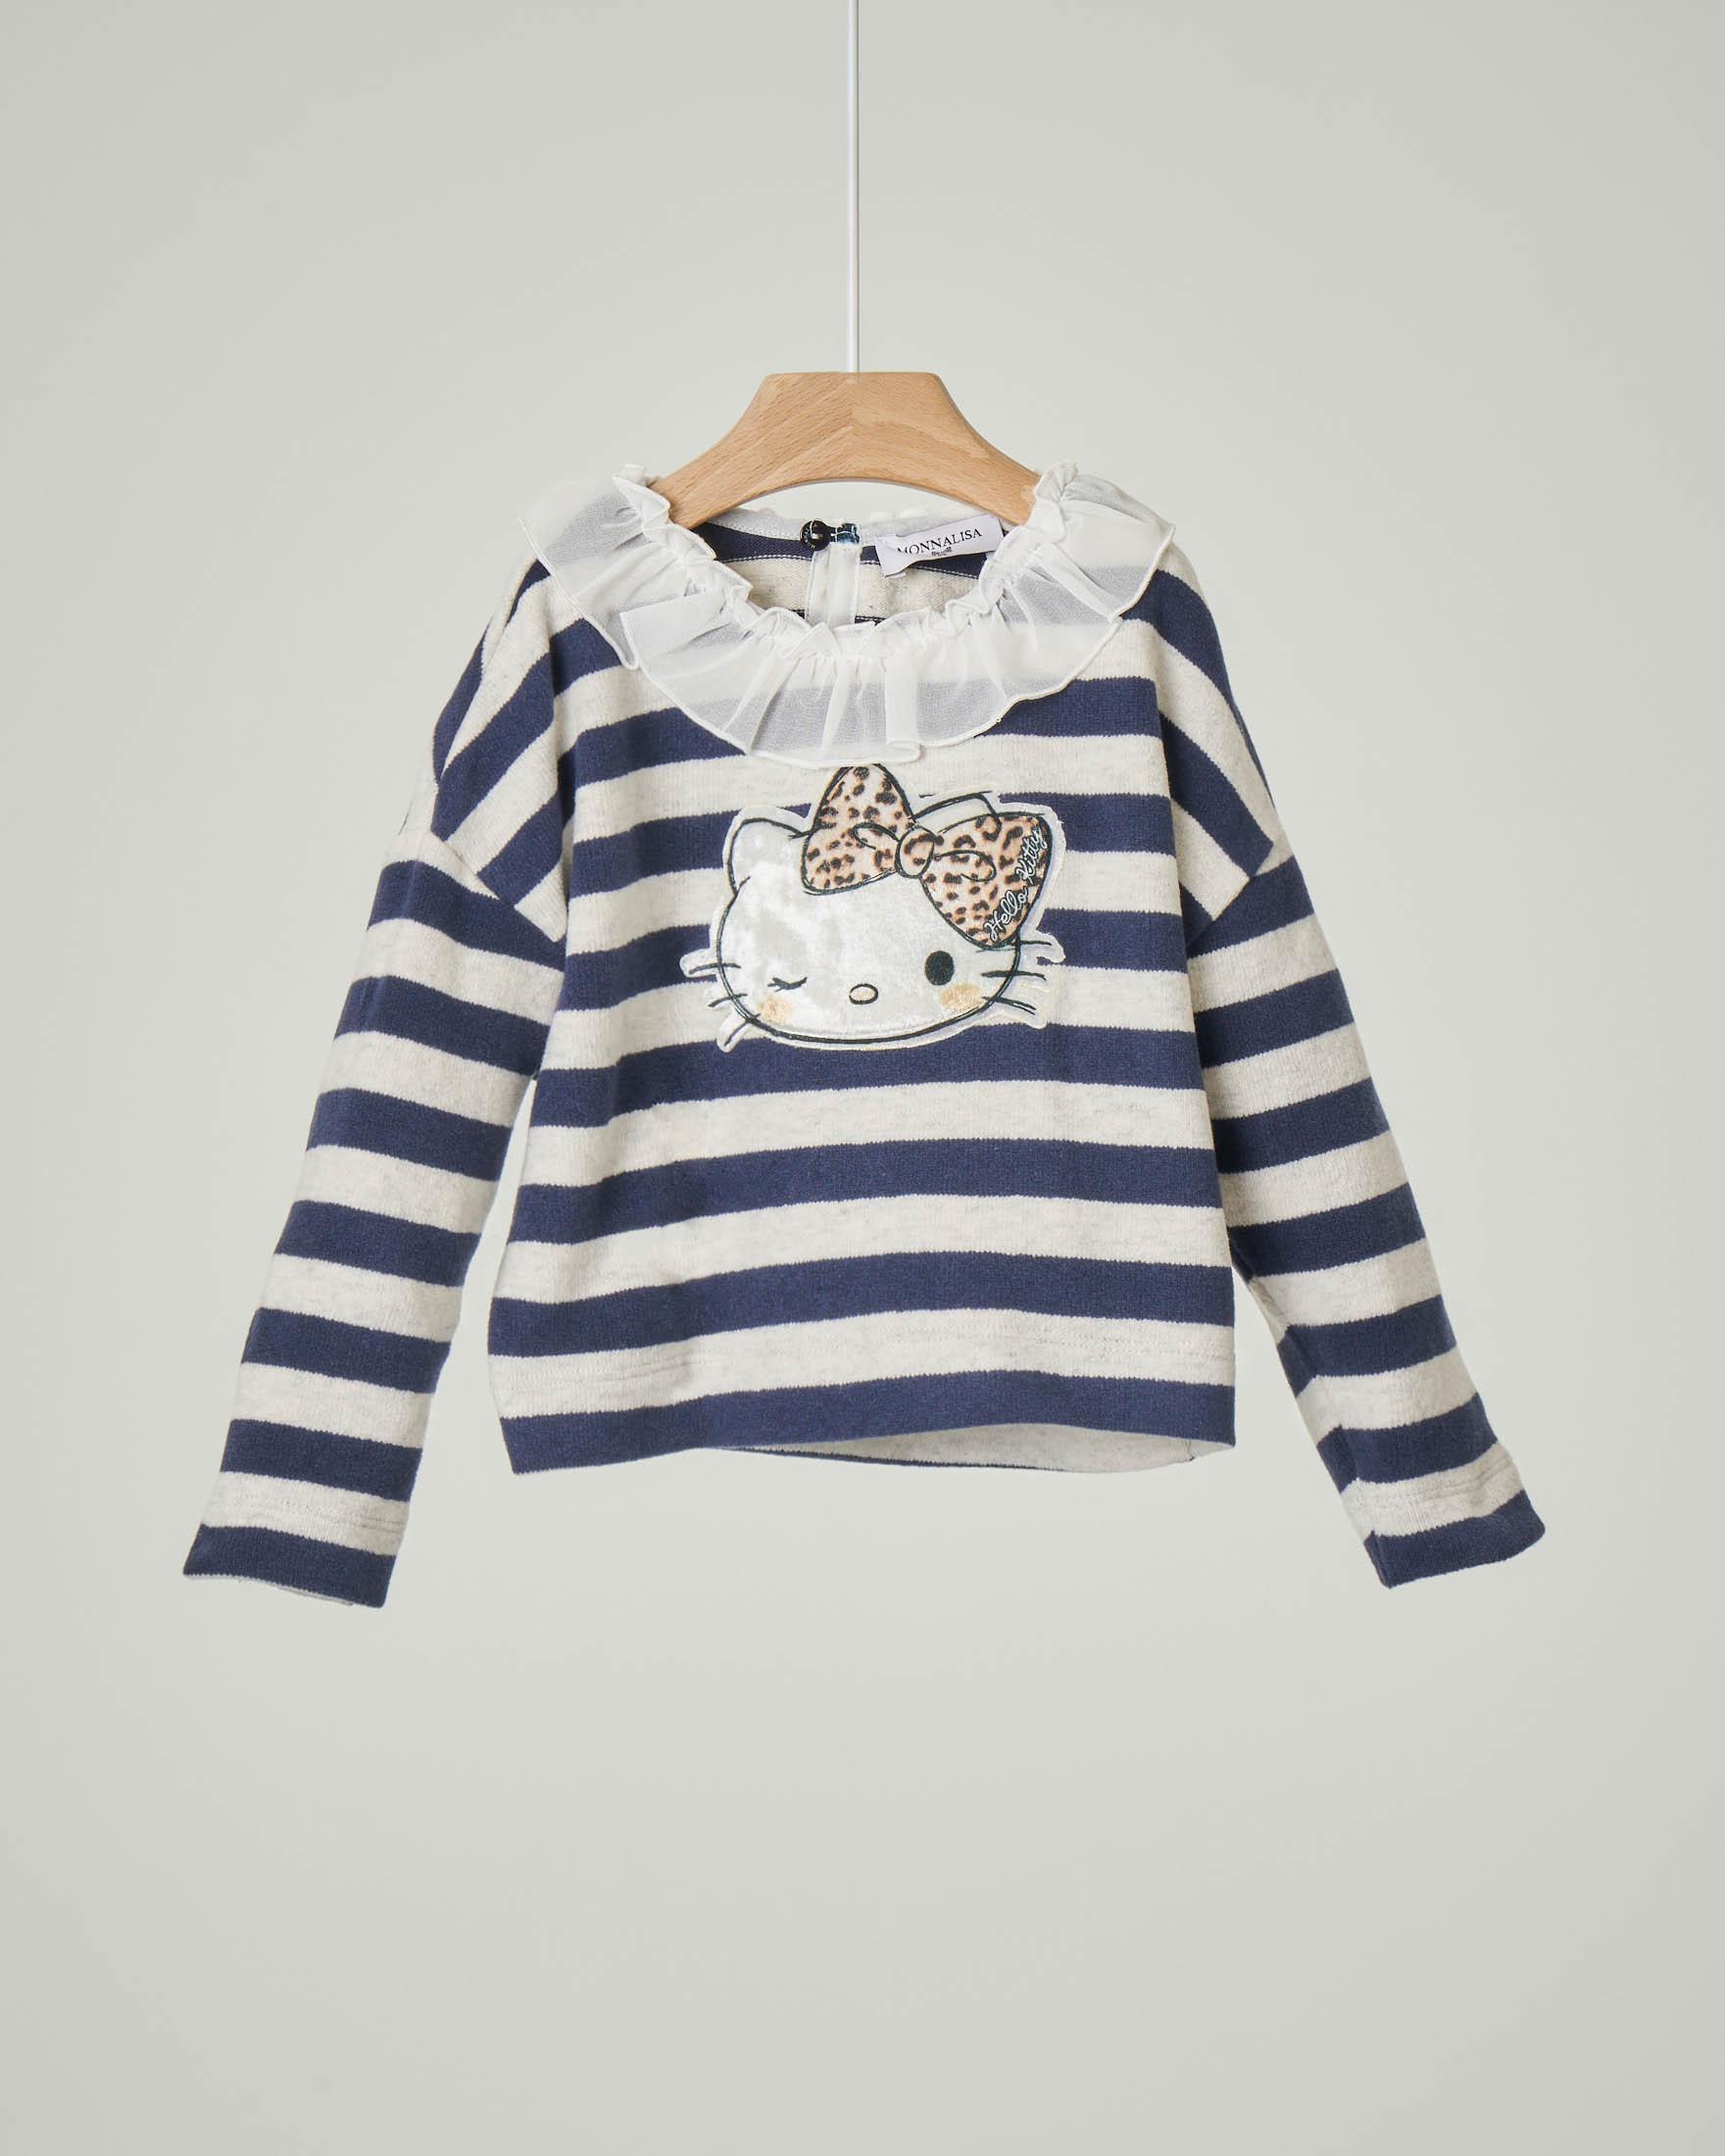 Maglia bianca e blu a righe con ricamo Hello Kitty e colletto voile 12-36 mesi